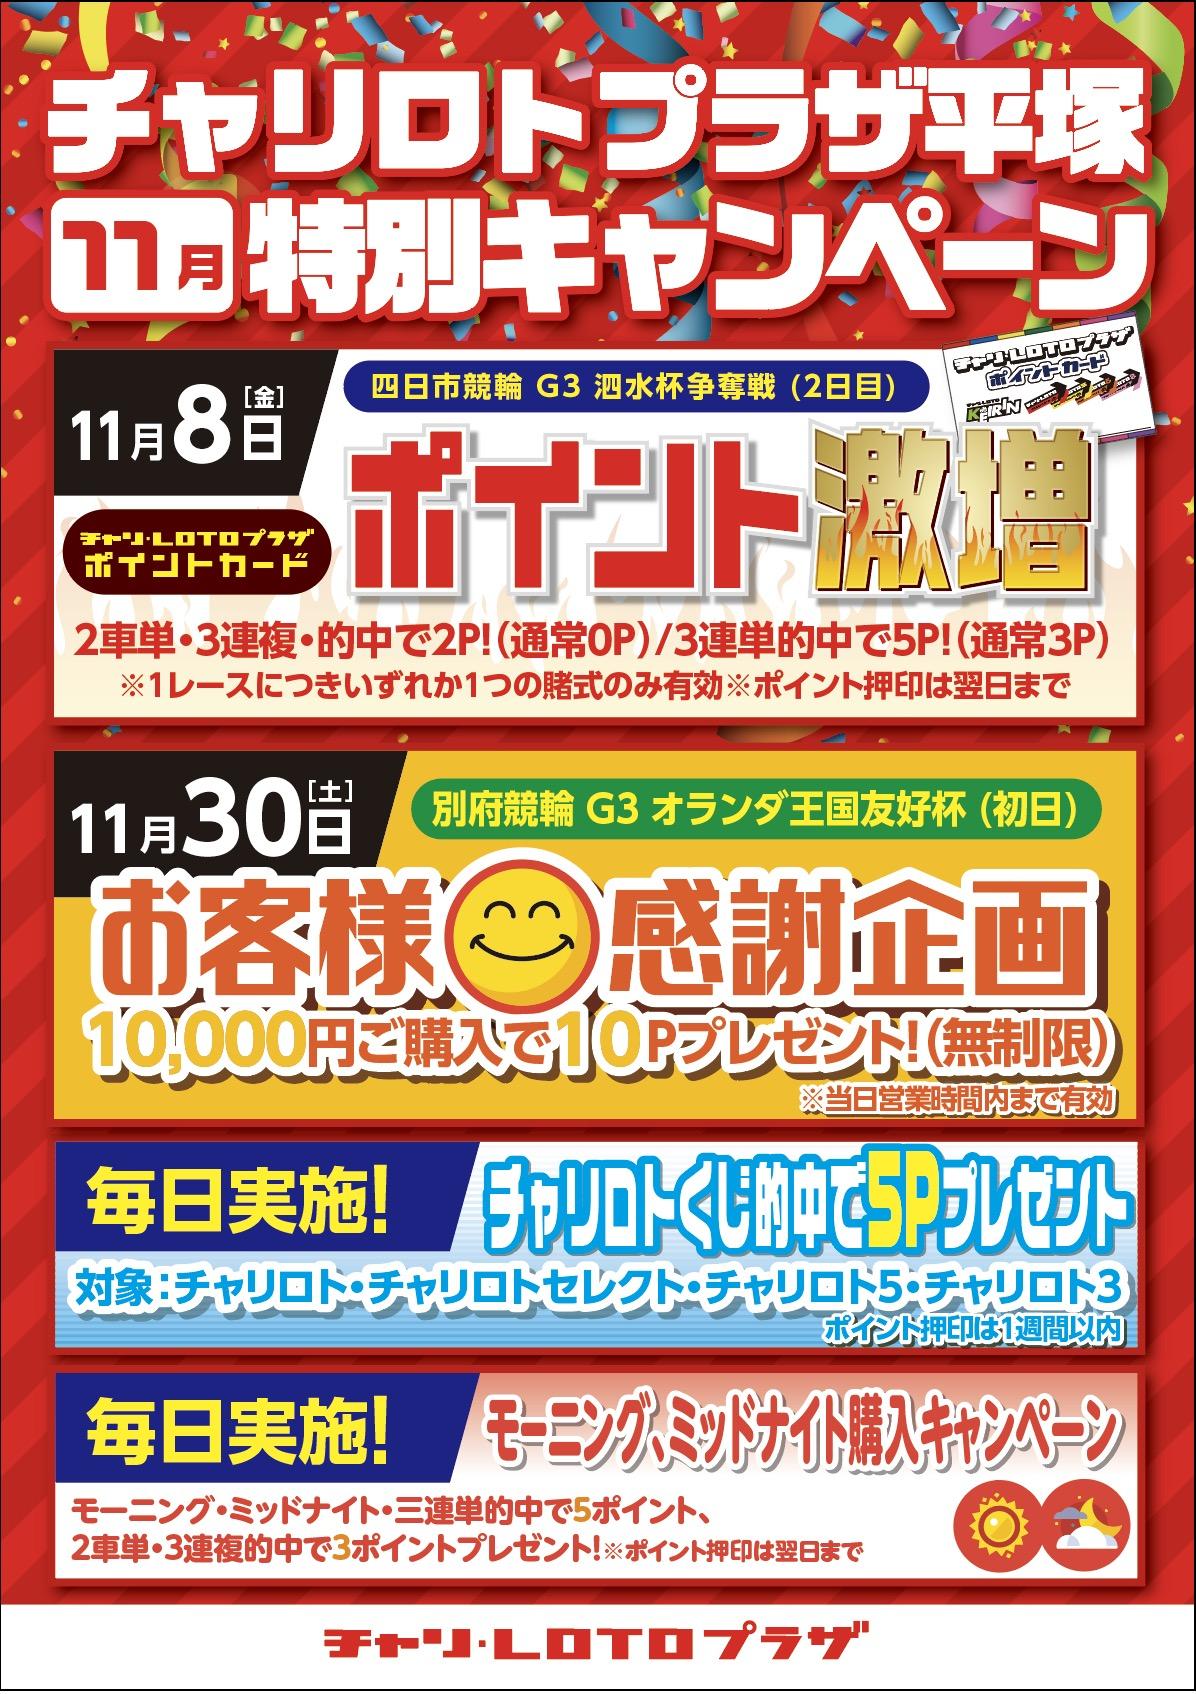 【平塚】モーニング・ミッドナイト月間特別CP(11月)